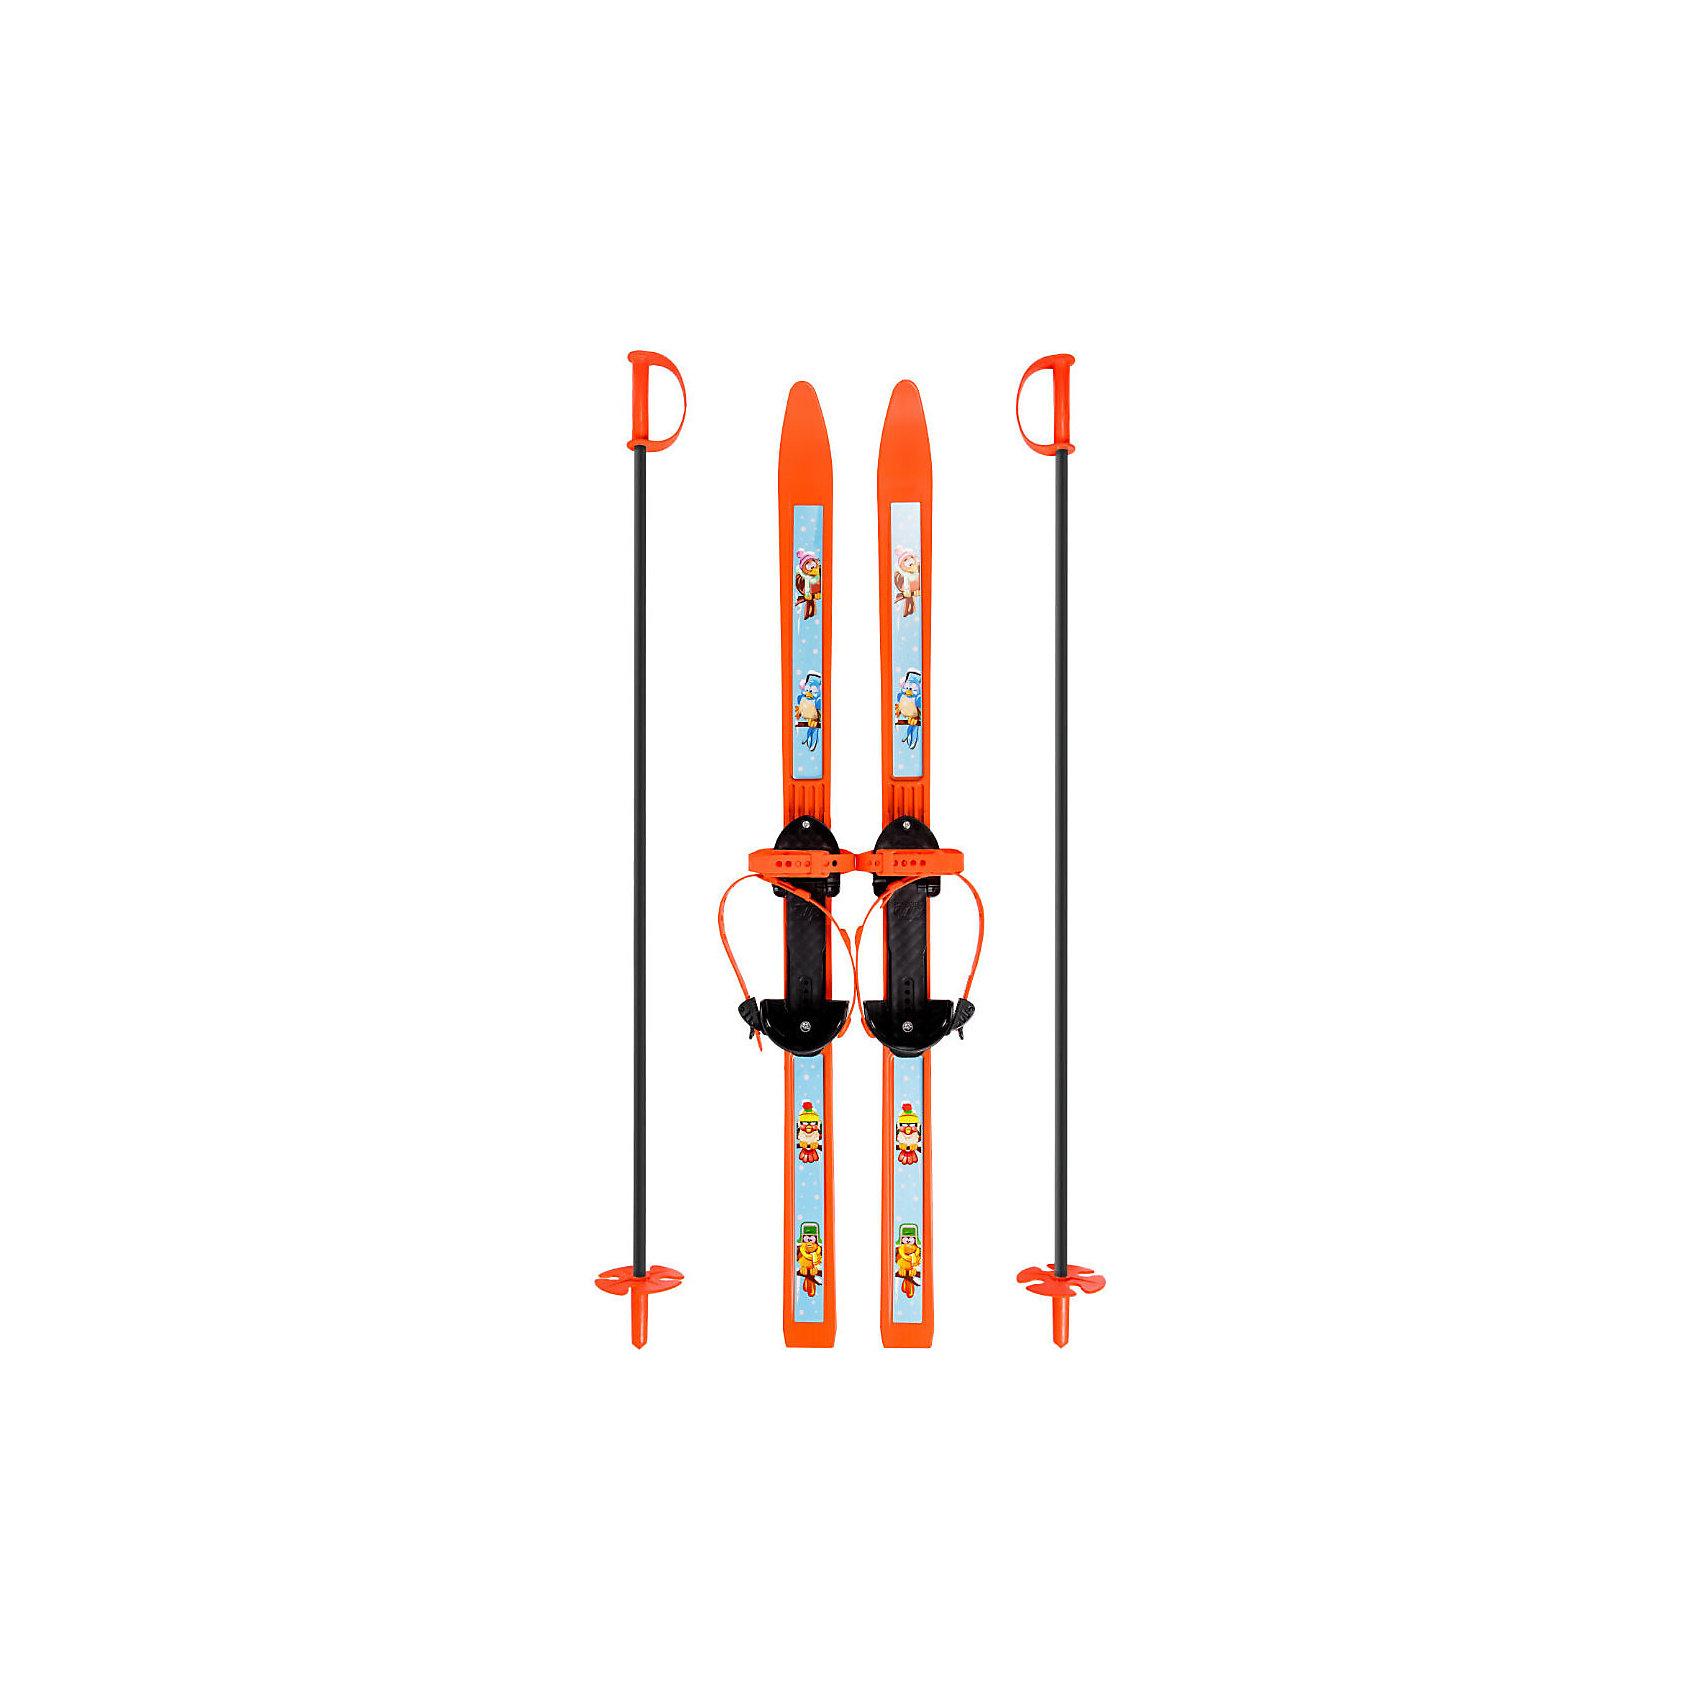 Лыжи детские Вираж-спорт с палками, ЦиклЛыжи и сноуборды<br>Детские лыжи Вираж-спорт с палками - отличный вариант для активного веселого зимнего отдыха и занятий спортом. Широкие лыжи с простыми креплениями отлично подойдут как для дошкольников, которые только учатся кататься, так и для младших школьников. Выполнены из морозостойкого полипропилена, который отличается гибкостью и стойкостью к истиранию и обеспечивает прекрасное скольжение по снежной поверхности. Полужесткие крепления состоят из металлической скобы и двух ремней, они одеваются на повседневную обувь и надежно крепят лыжу на ноге. Ремешки регулируются до нужного размера. На лыжах в месте крепления имеются резиновые накладки, которые не дают ногам соскальзывать во время передвижения. В комплект входят алюминиевые лыжные палки с удобными ручками и травмобезопасными пластиковыми наконечниками. <br><br>Дополнительная информация:<br><br>- Материал: полипропилен, алюминий.<br>- Длина лыж: 100 см.<br>- Толщина лыж: 5 мм. <br>- Длина палок: 100 см.<br>- Диаметр ал. трубы: 1,2 см. <br>- Толщина ал. трубы: 1 мм. <br>- Размер обуви: 28-36. <br>- Размер упаковки: 66 х 13 х 11 см.<br>- Вес: 1,4 кг.<br><br>Лыжи детские Вираж-спорт с палками, Цикл, можно купить в нашем интернет-магазине.<br><br>Ширина мм: 1050<br>Глубина мм: 150<br>Высота мм: 110<br>Вес г: 1400<br>Возраст от месяцев: 60<br>Возраст до месяцев: 120<br>Пол: Унисекс<br>Возраст: Детский<br>SKU: 4383755